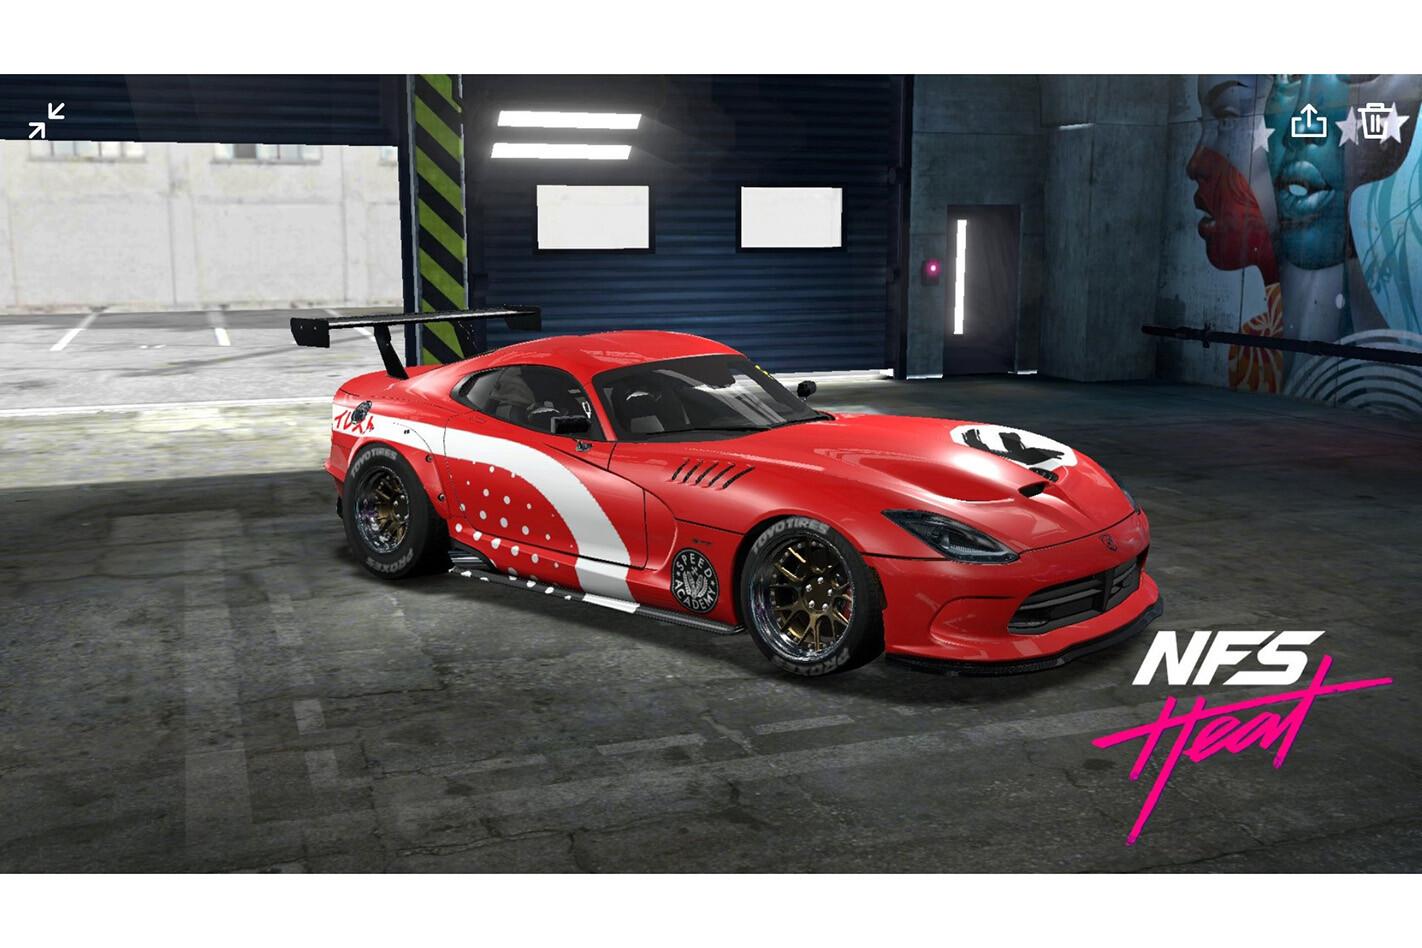 NFS Heat Studio Dodge Viper Front Jpg